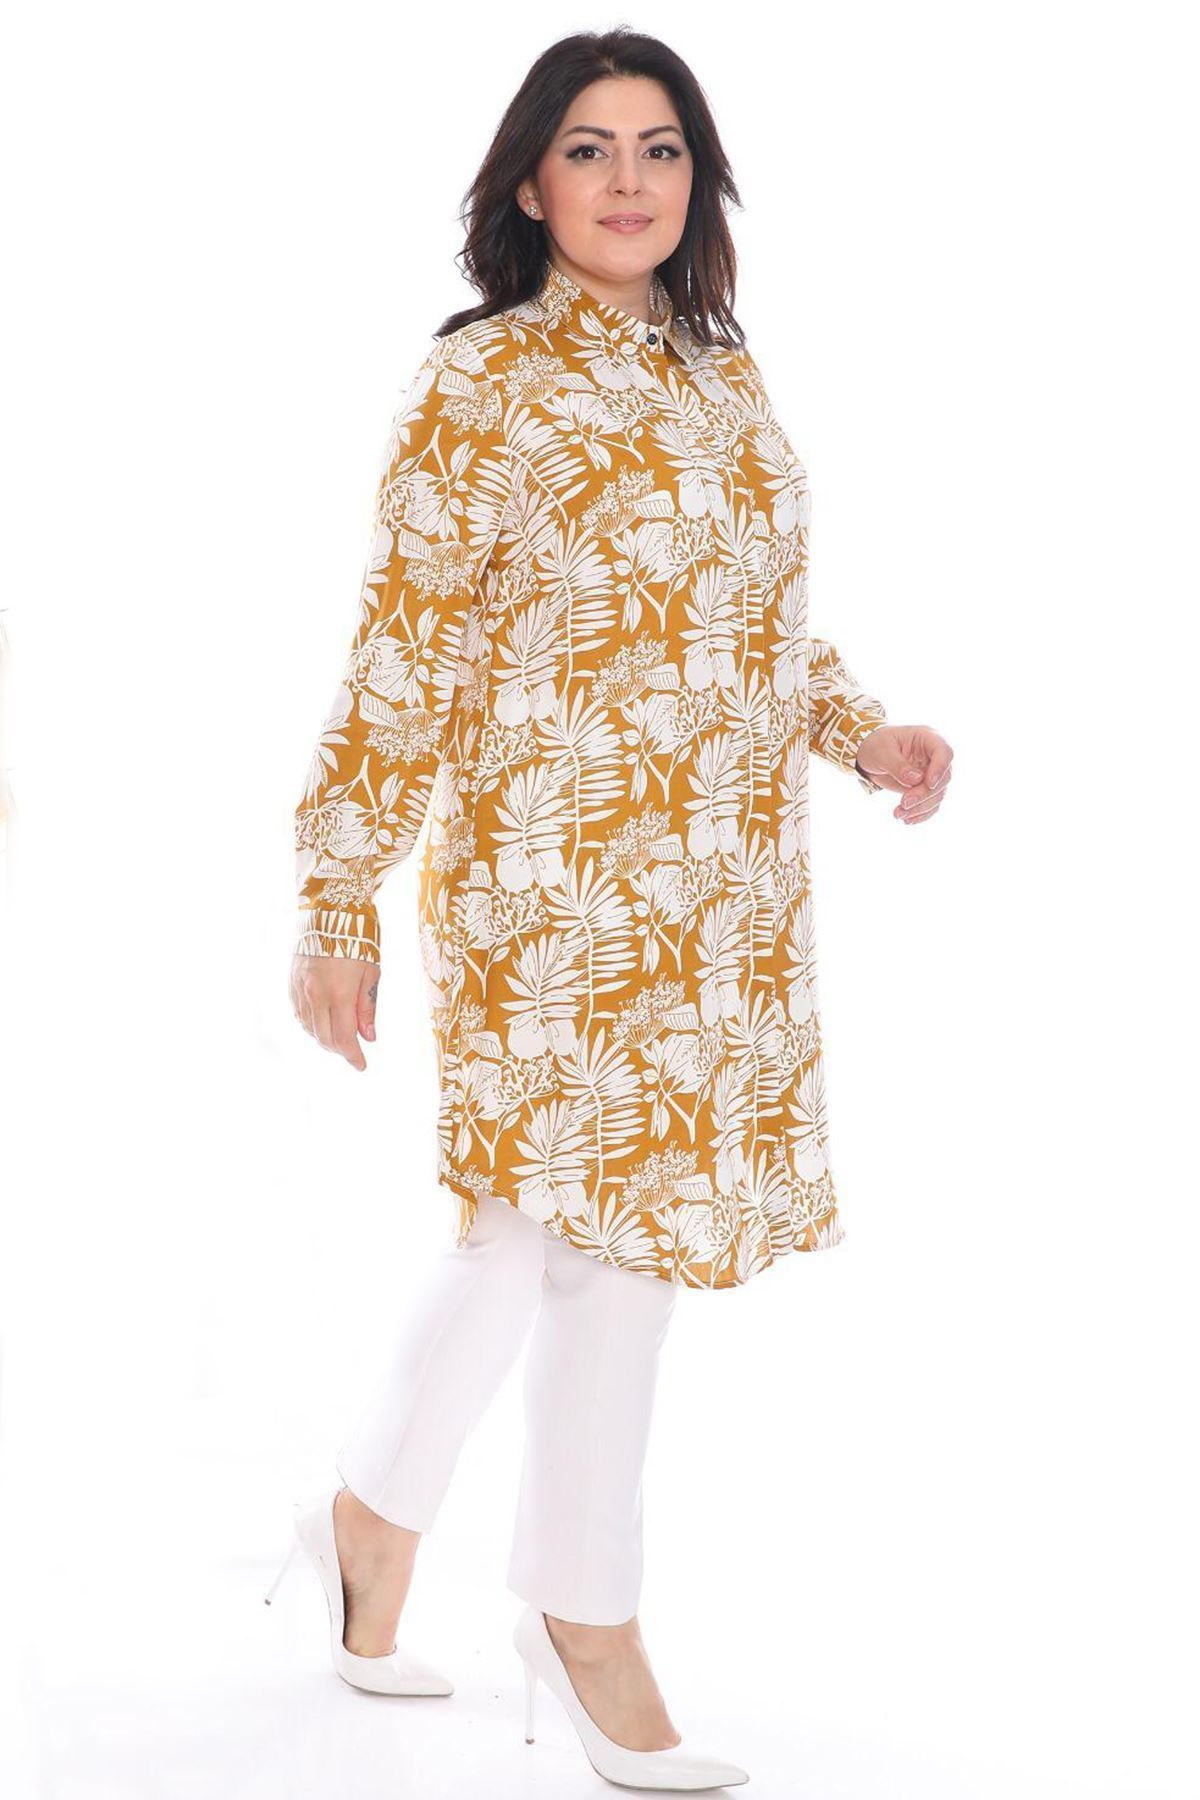 Fupe Büyük Beden Tunik Gömlek Hardal Düğmeli Kadın Çiçekli Desen